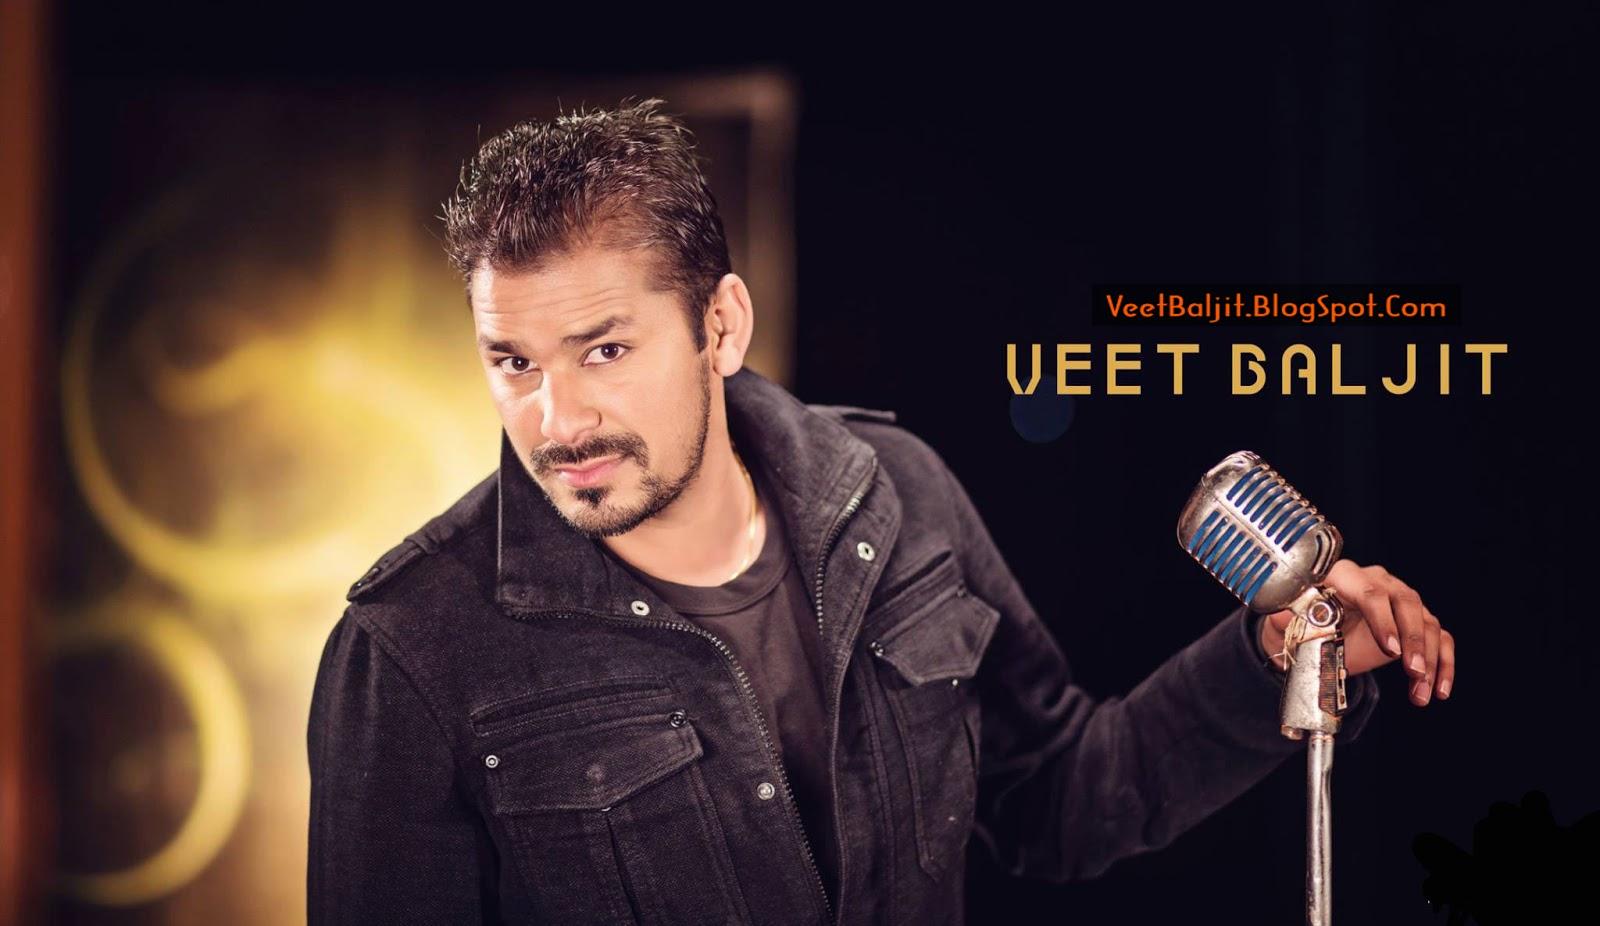 Veet baljit new song download 2015